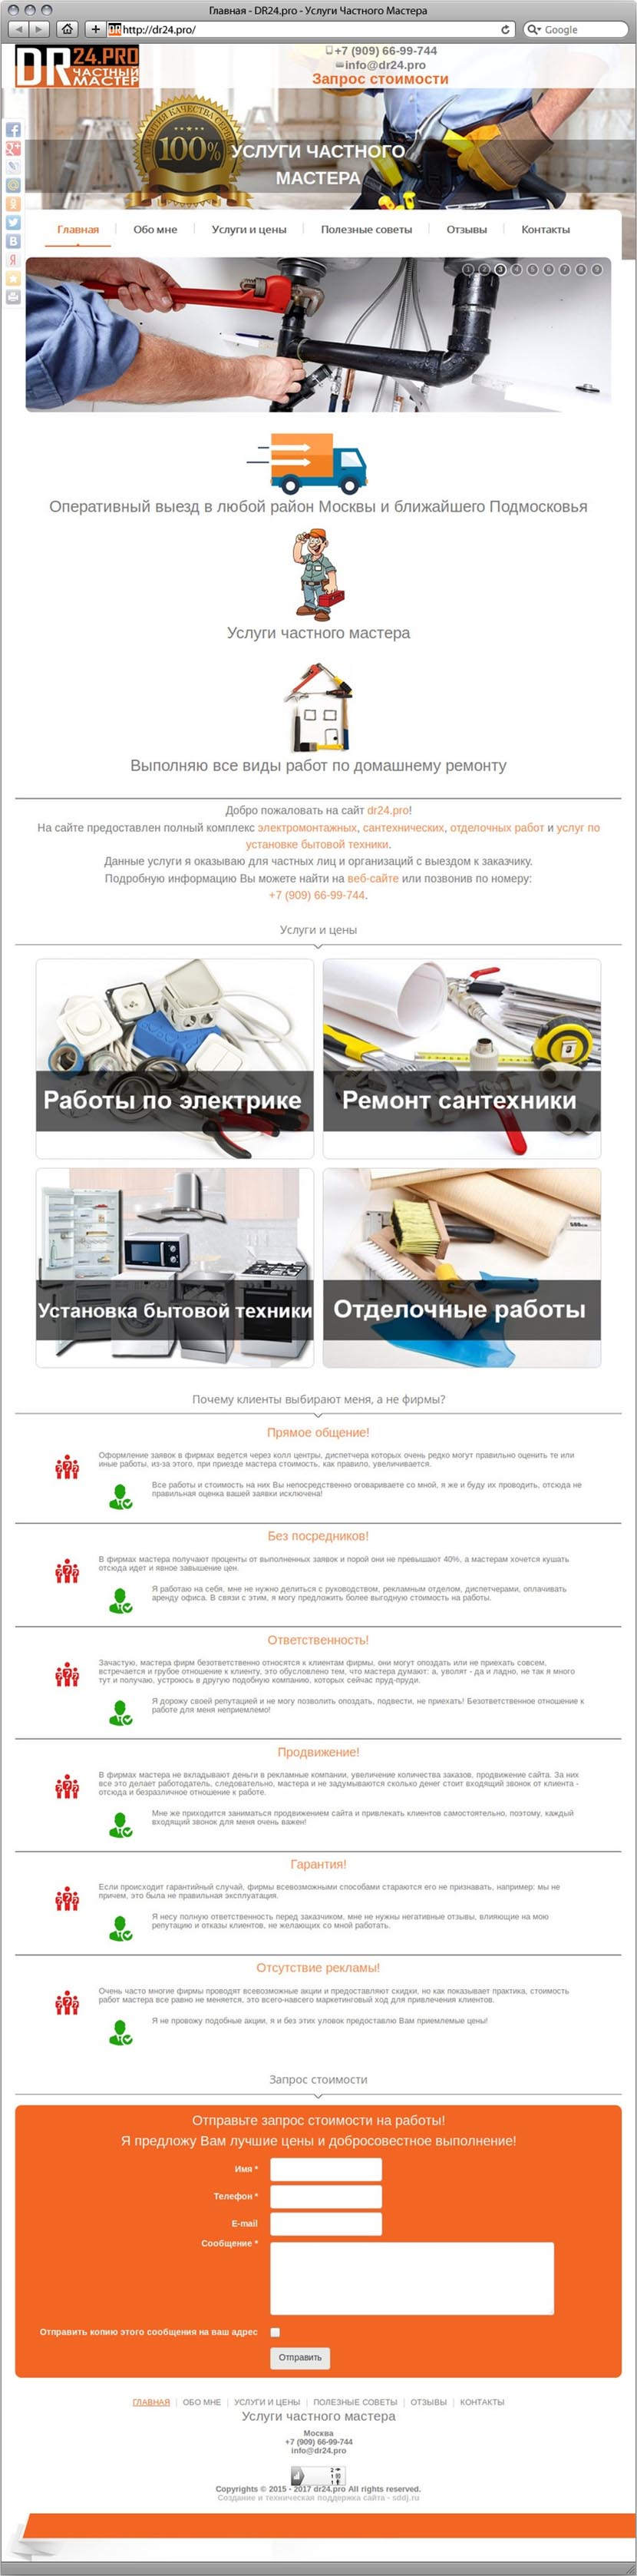 Сайты с частными фото и видео